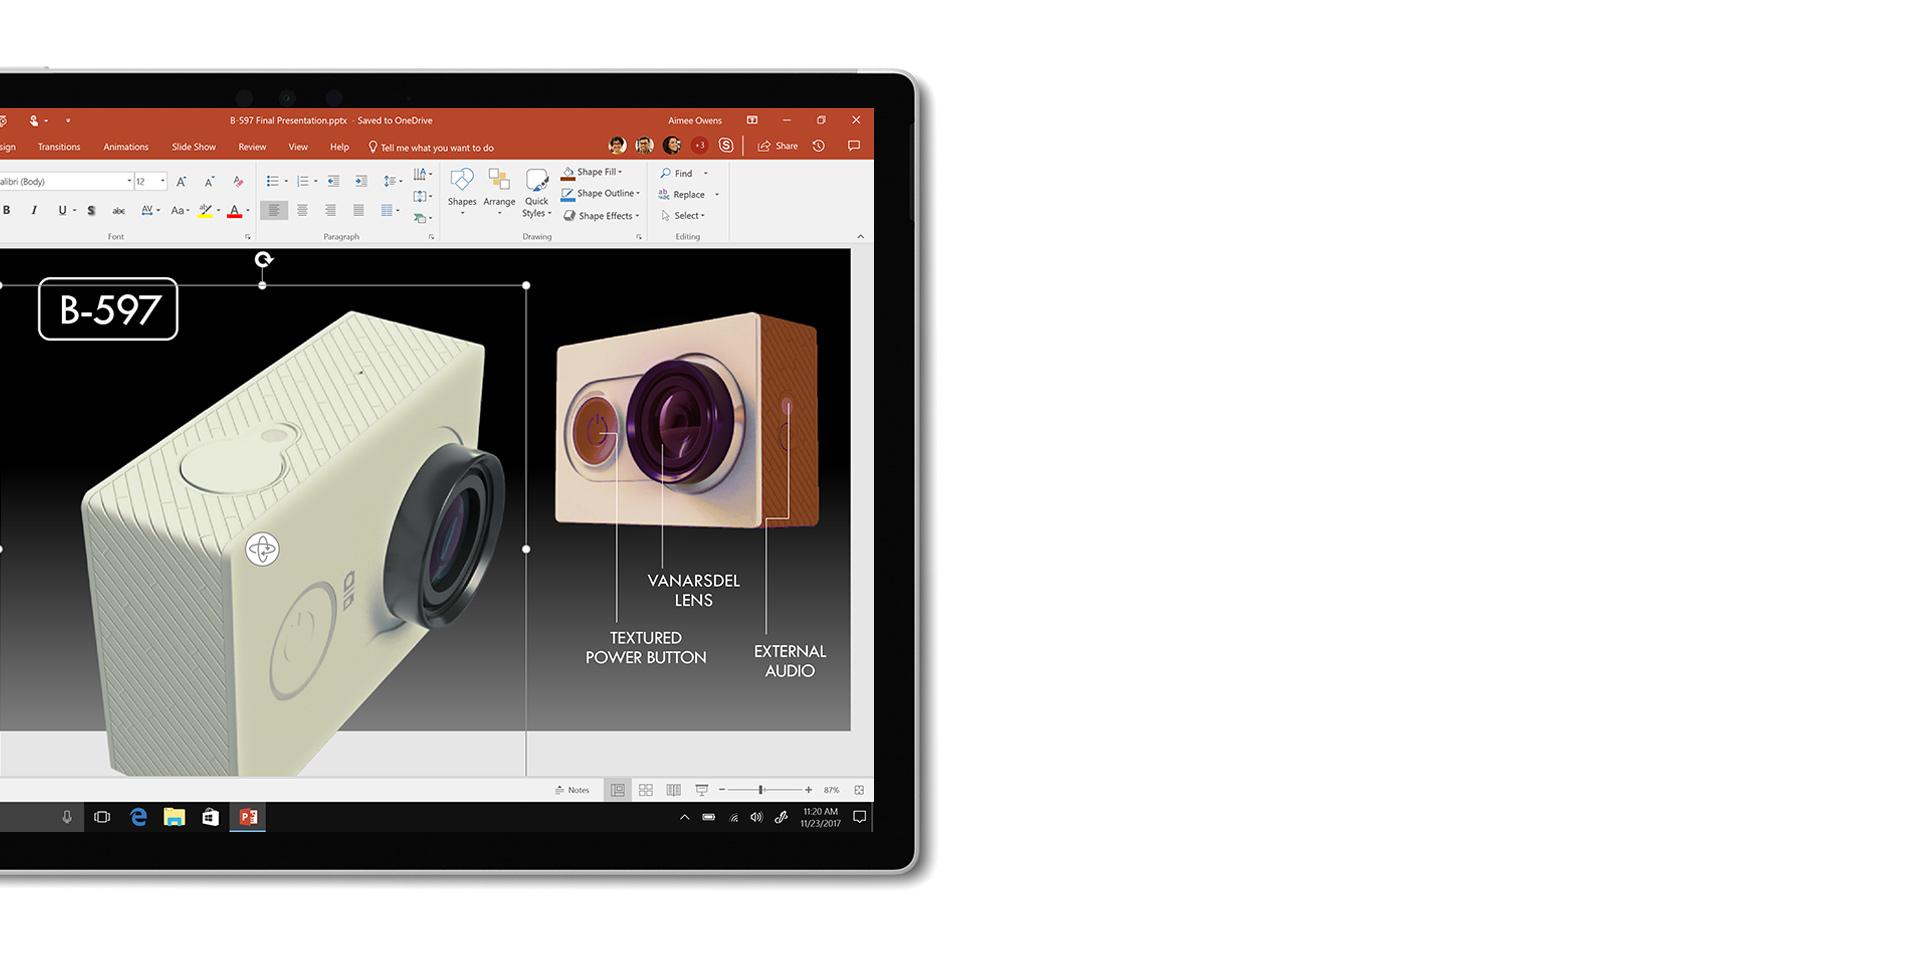 PowerPoint-app weergegeven op scherm van Surface Book 2, losgekoppeld van toetsenbord.